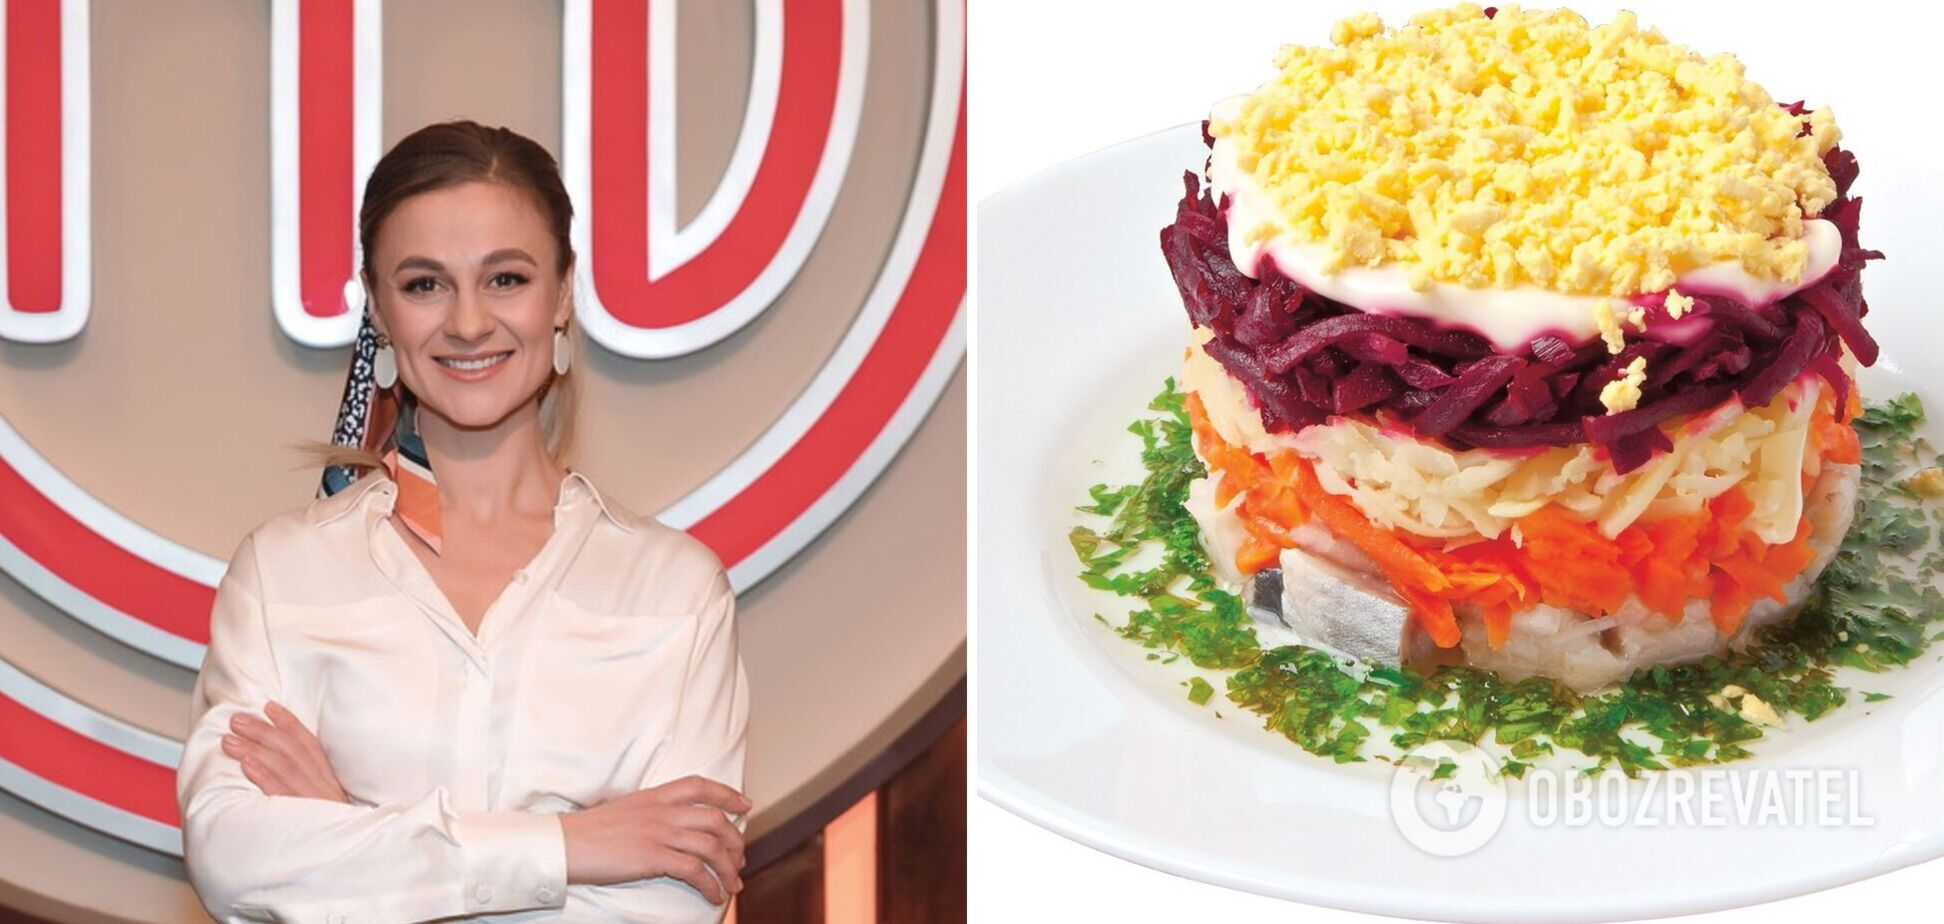 Ольга Мартиновська поділилася незвичайними рецептами салатів